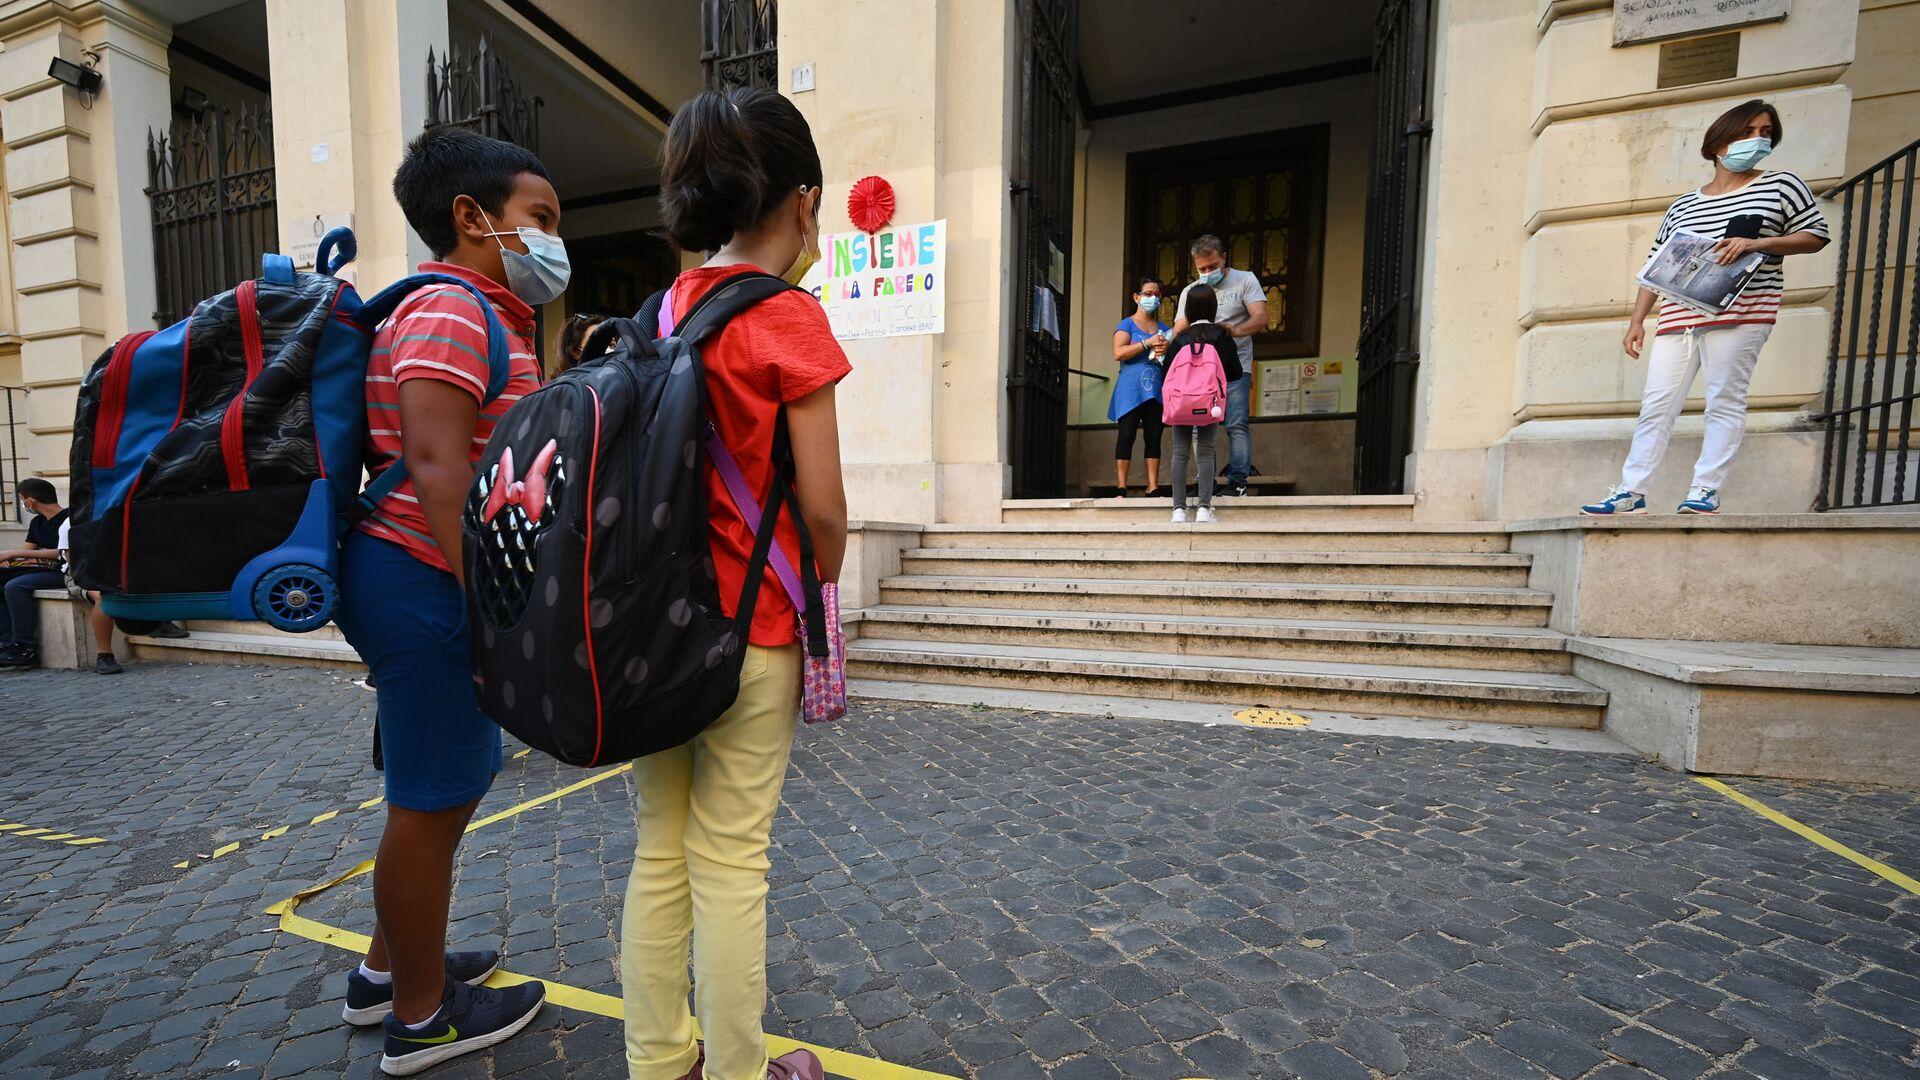 İtalya'da milyonlarca öğrenci, altı aylık bir aranın ardından bugün okullarında ders başı yaptı.  - Sputnik Türkiye, 1920, 13.08.2021